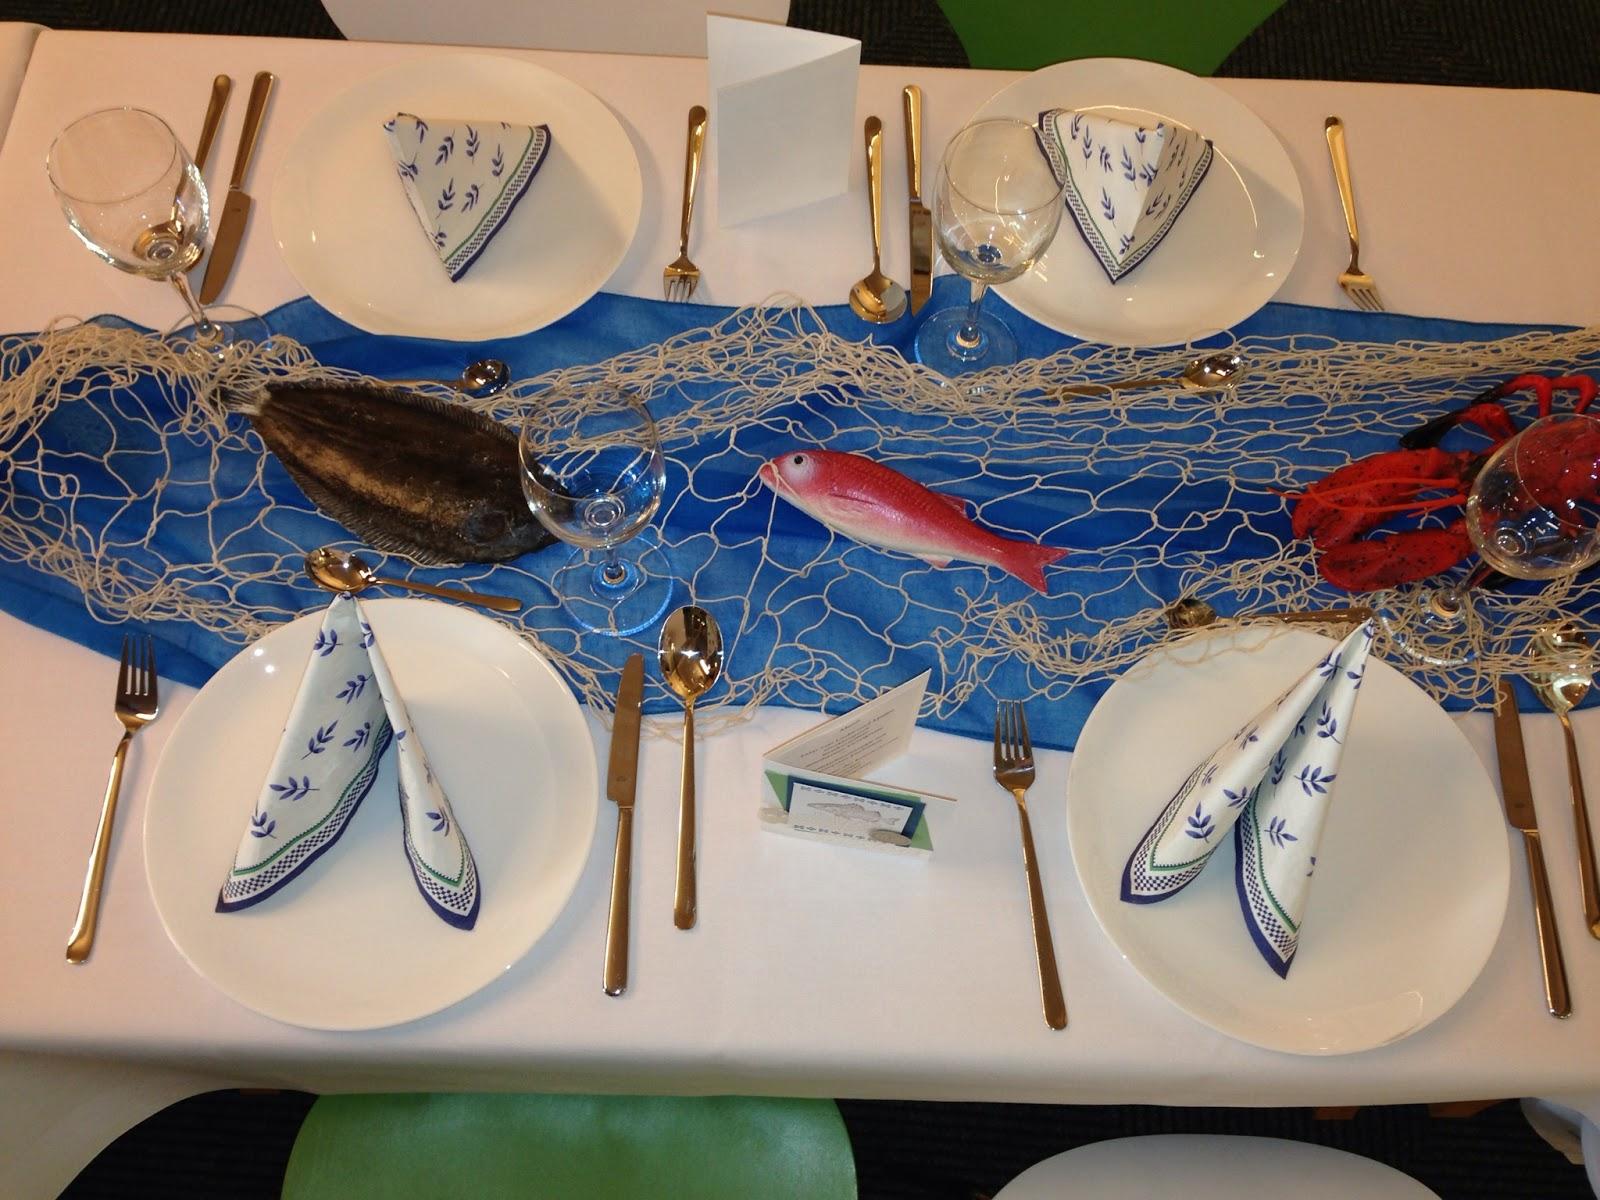 Küchen-Galerie Sande: Tischdekoration Fisch